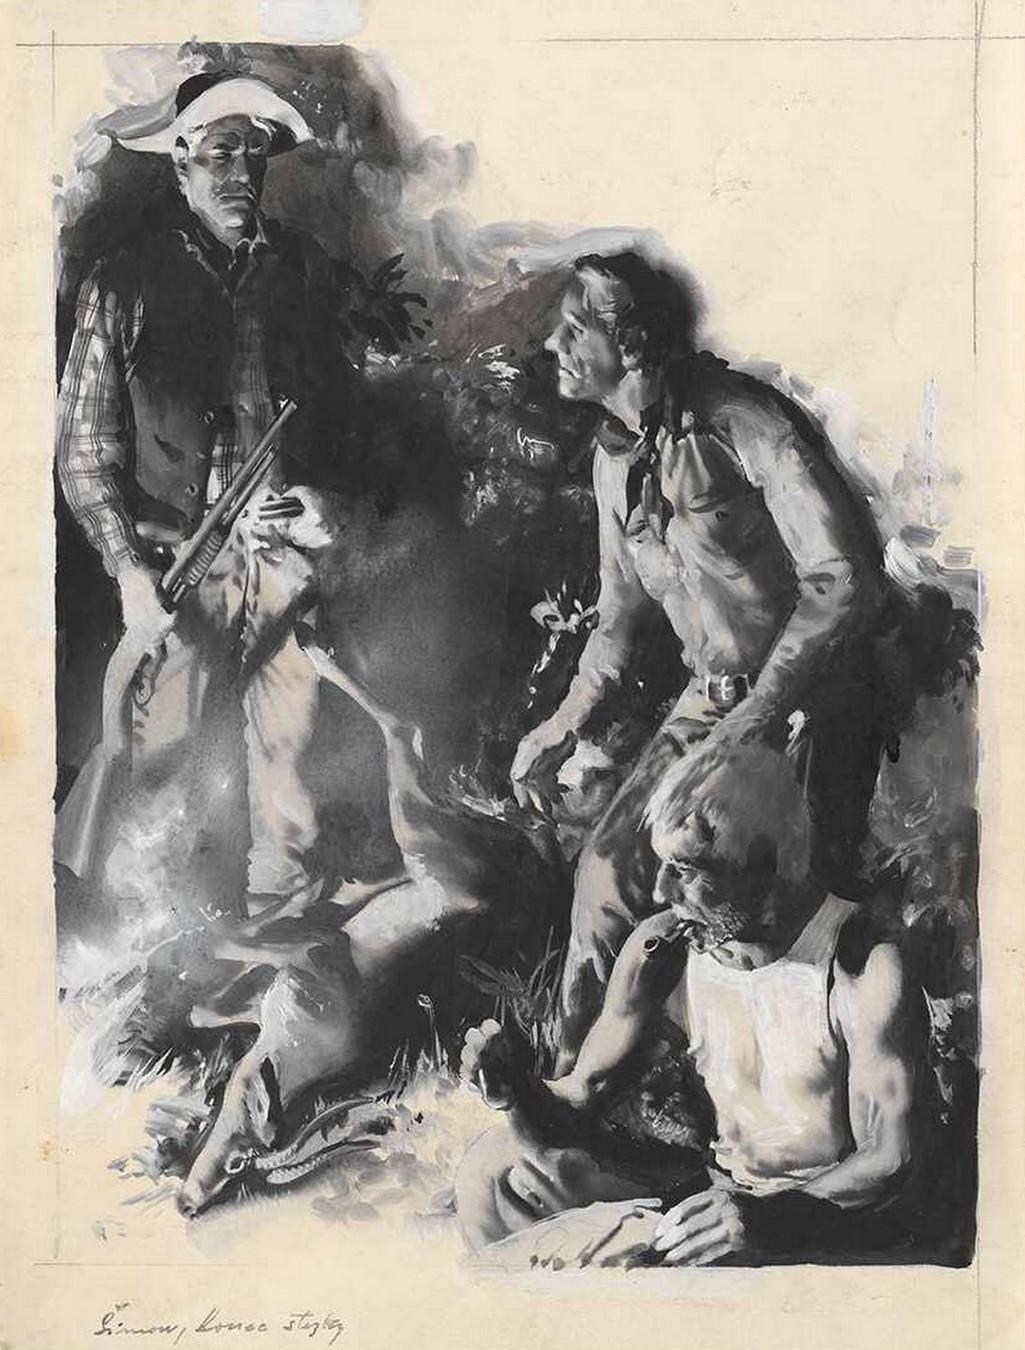 Zdeněk Burian, Lovci s ulovenou laní, ilustrace k povídce K. Šimka Konec stezky, otištěno v časopise Pionýr, roč. XIV., 1966/67, č. 1